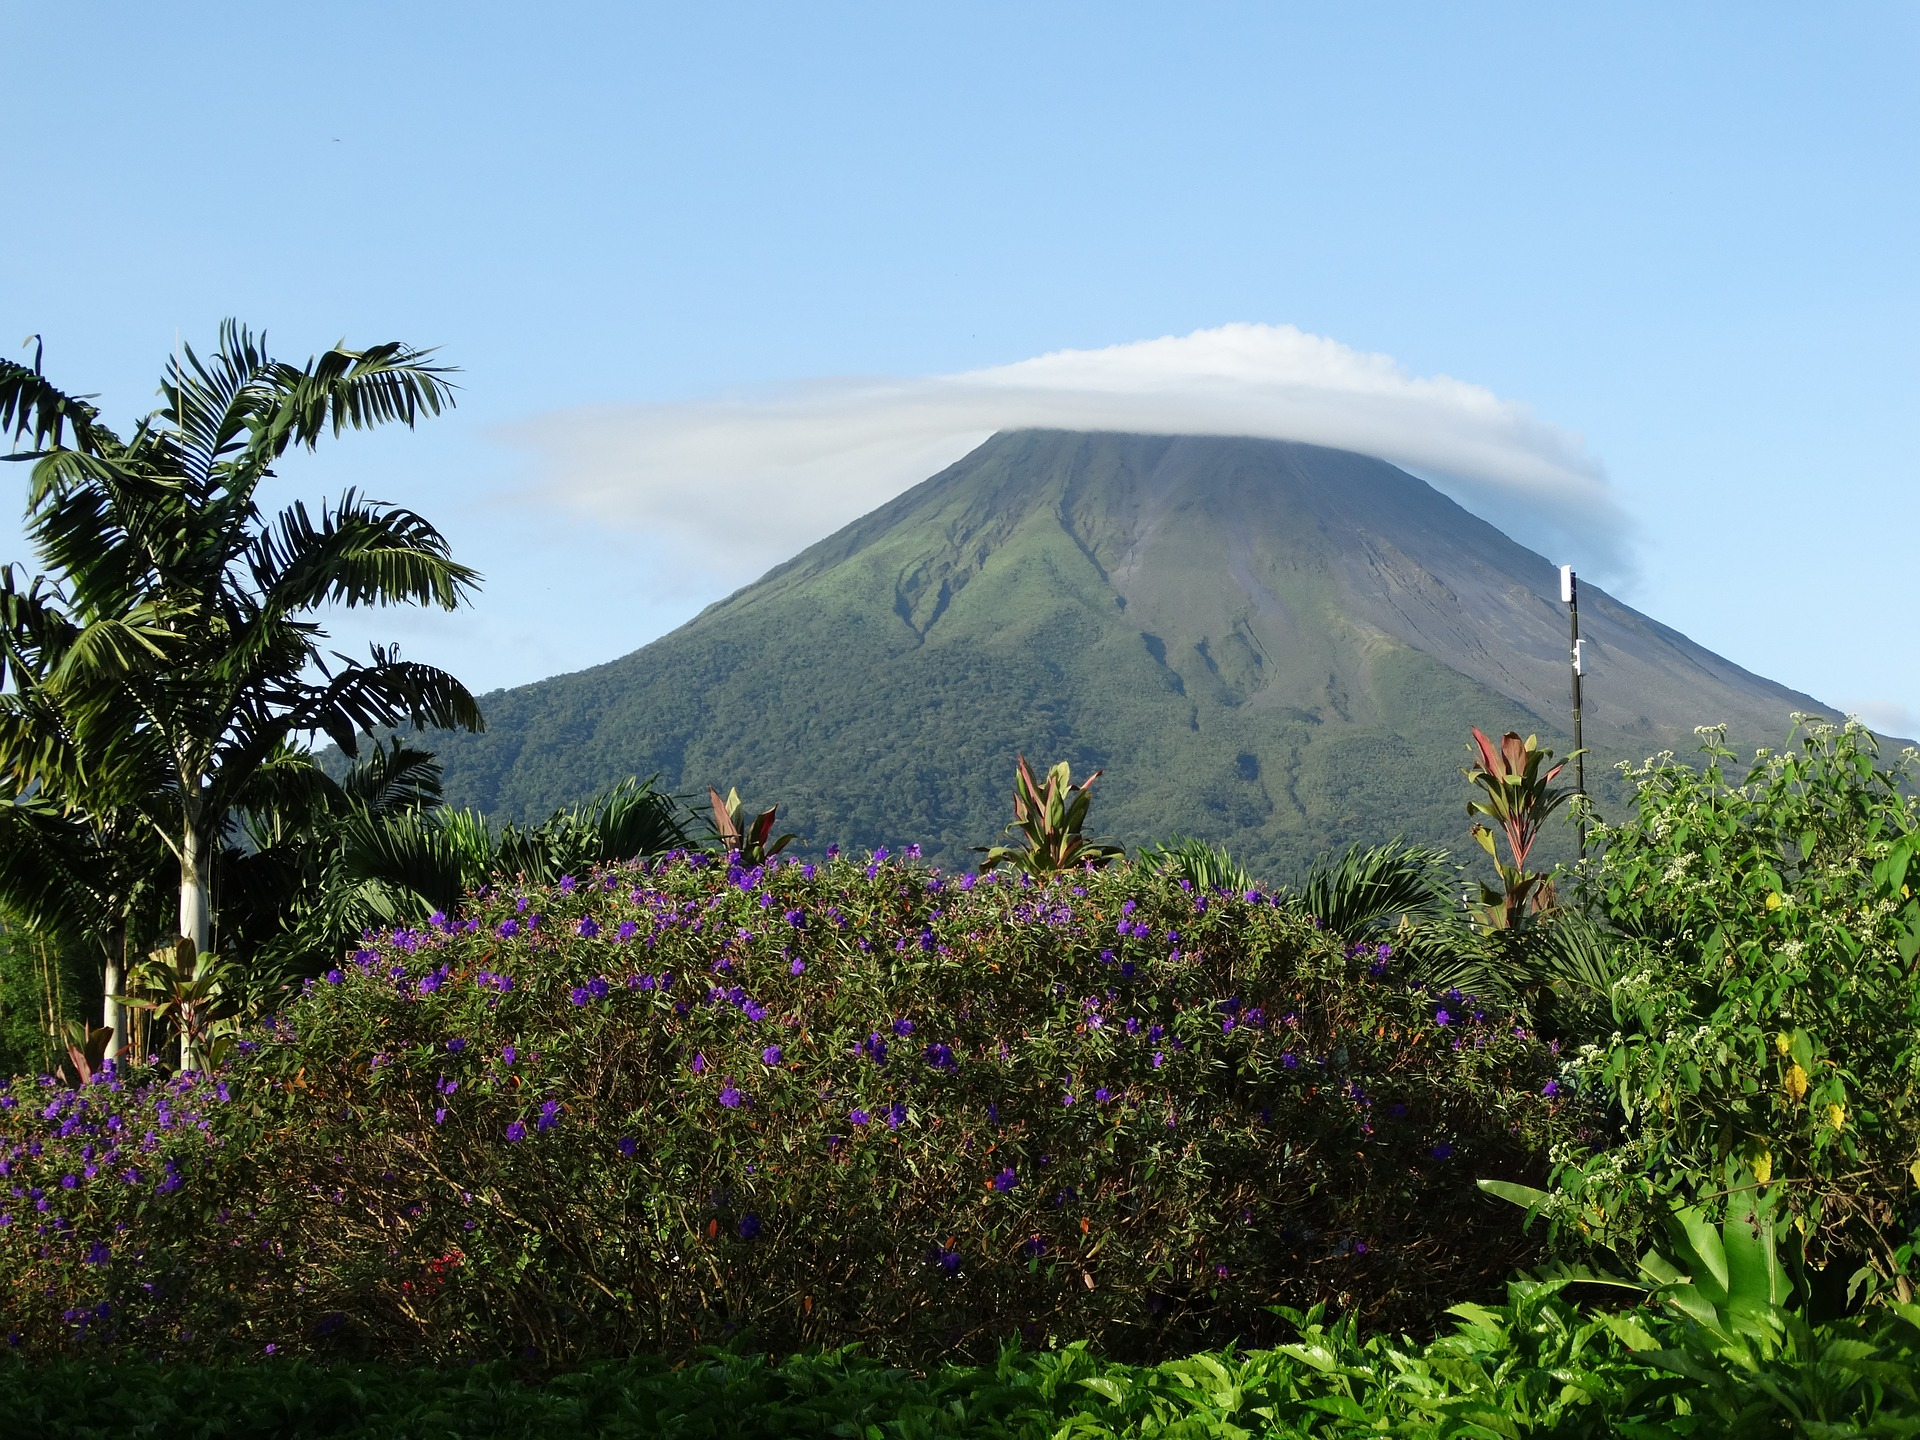 Sopka vyrůstá přímo z deštného pralesa